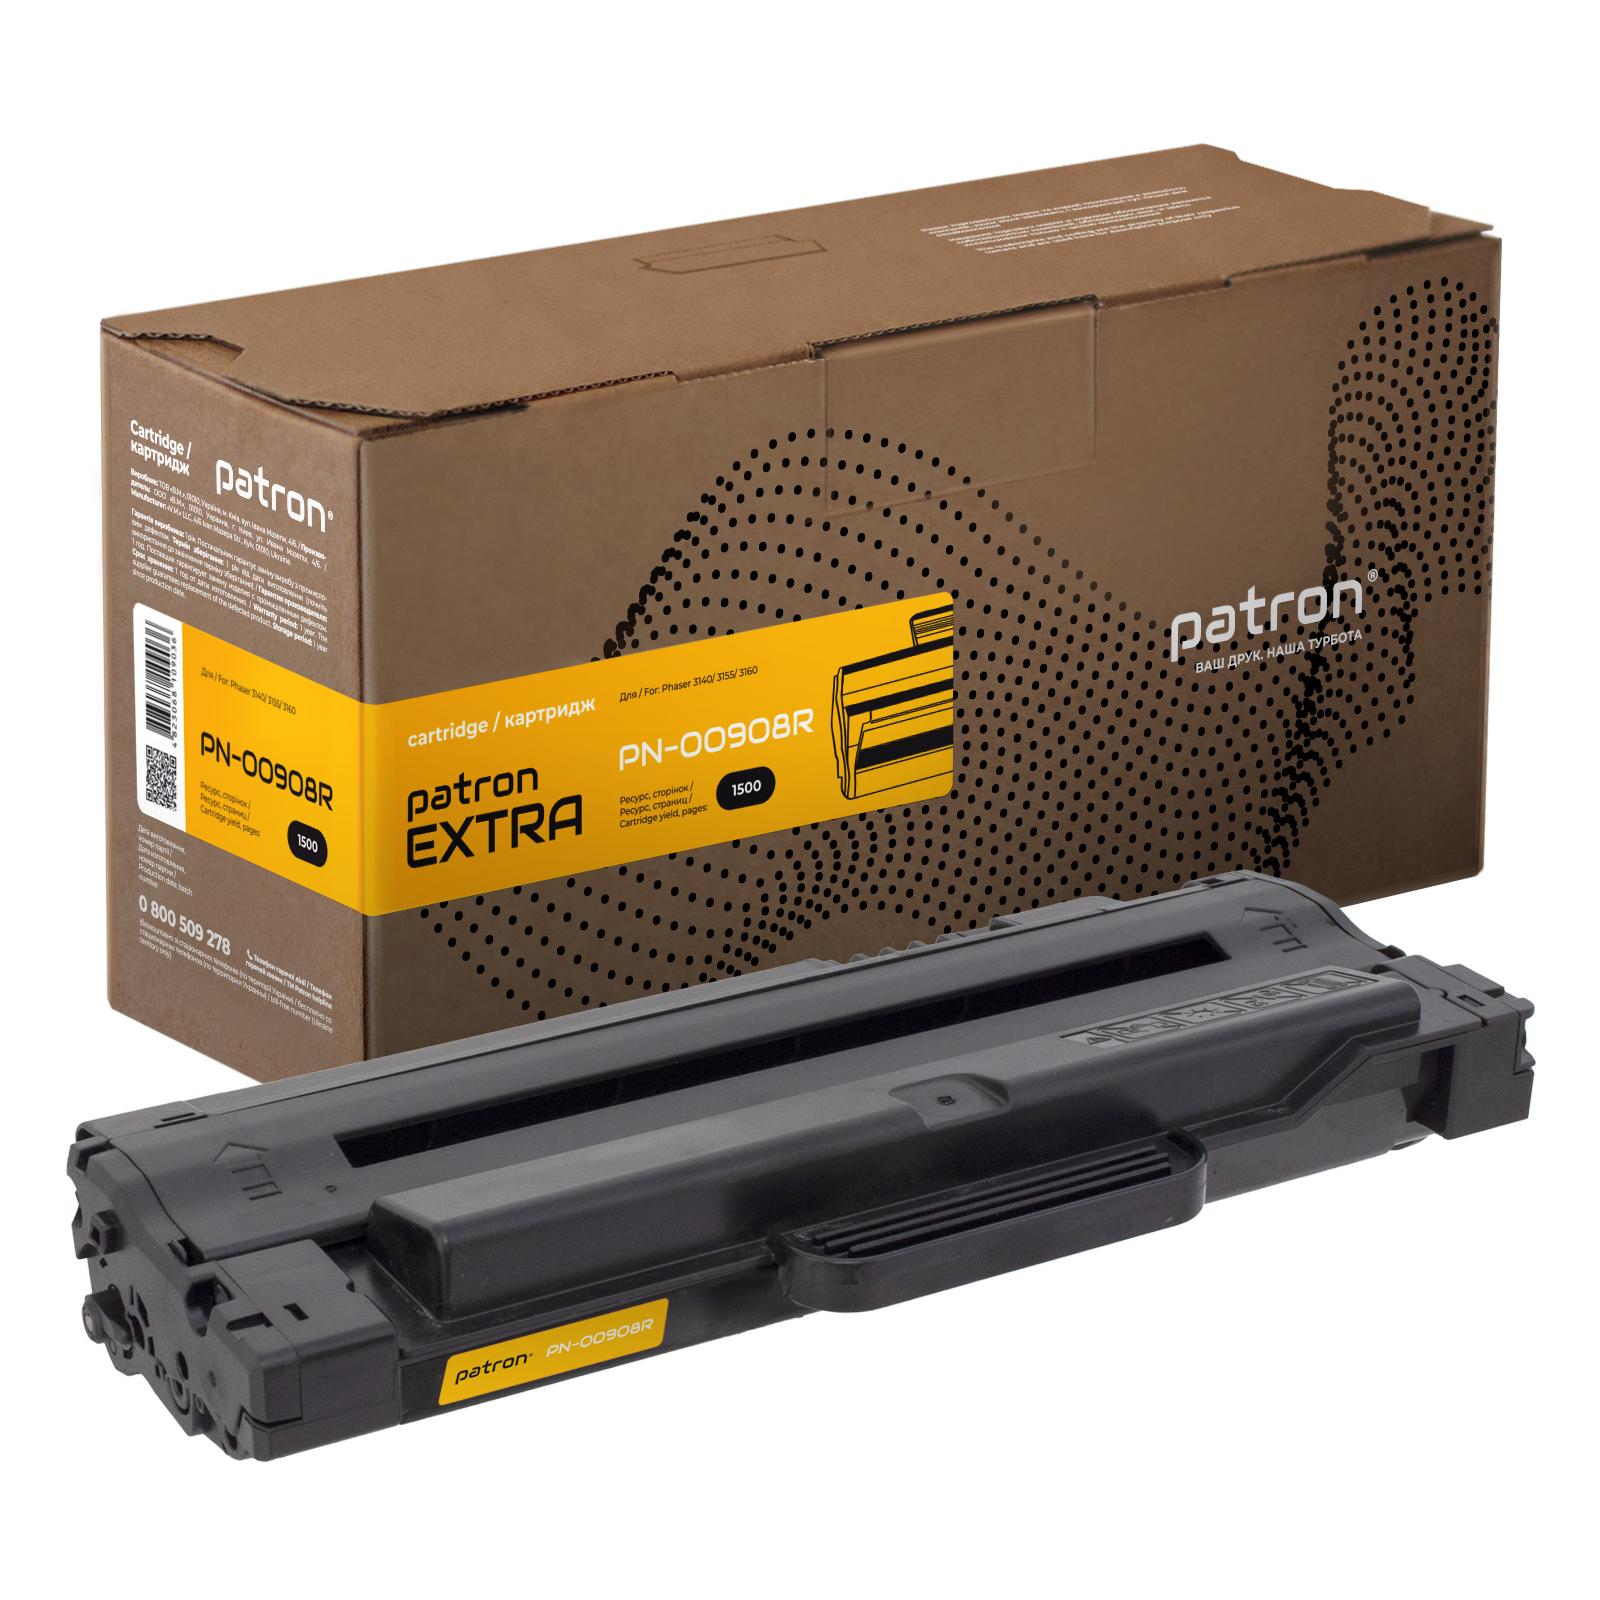 Картридж PATRON XEROX Ph 3140 (108R00908) Extra (PN-00908R)